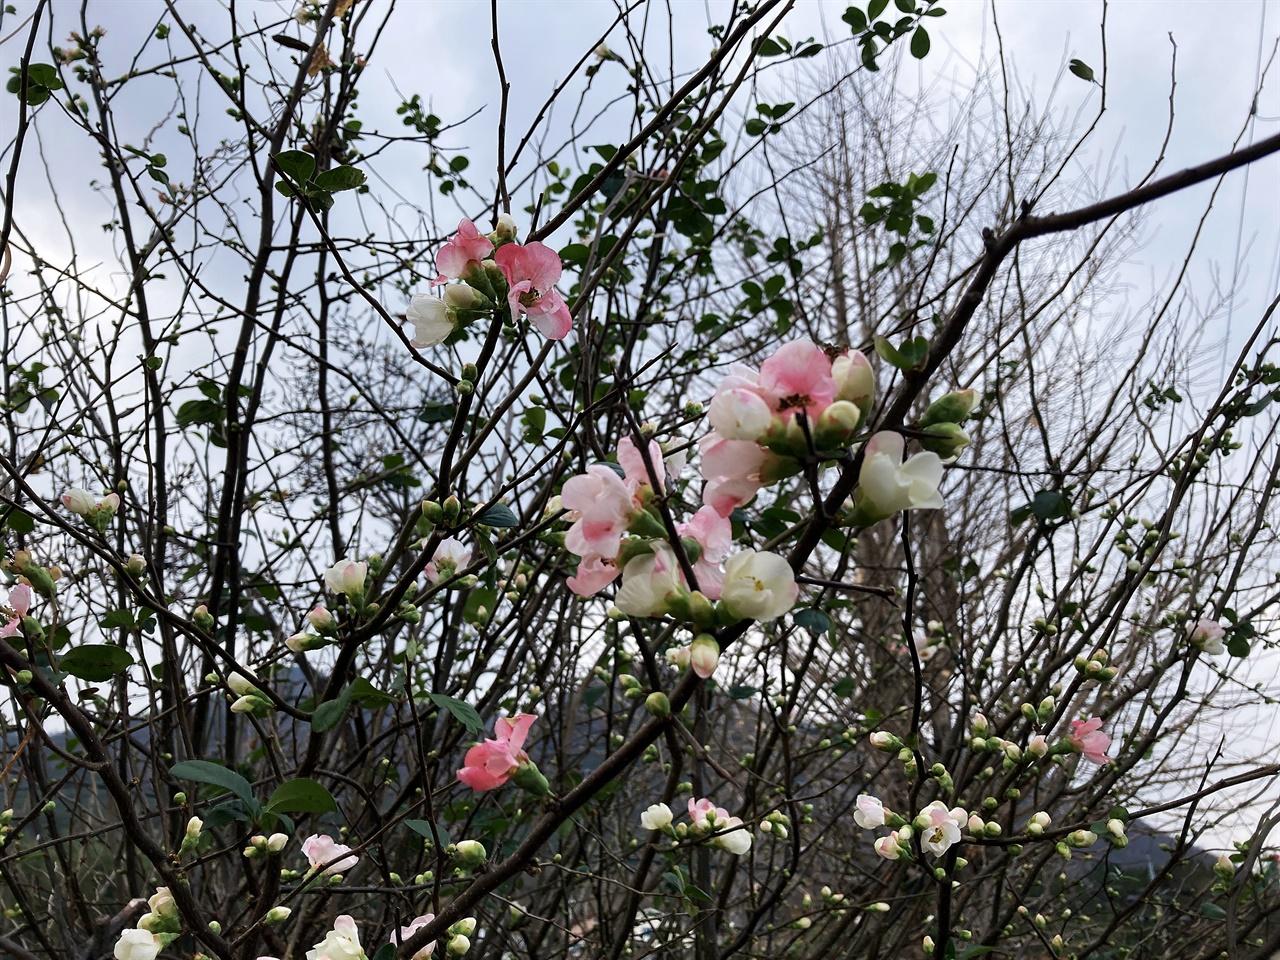 절기상 소설인 지난 22일, 봄꽃인 명자나무꽃이 활짝 핀 모습